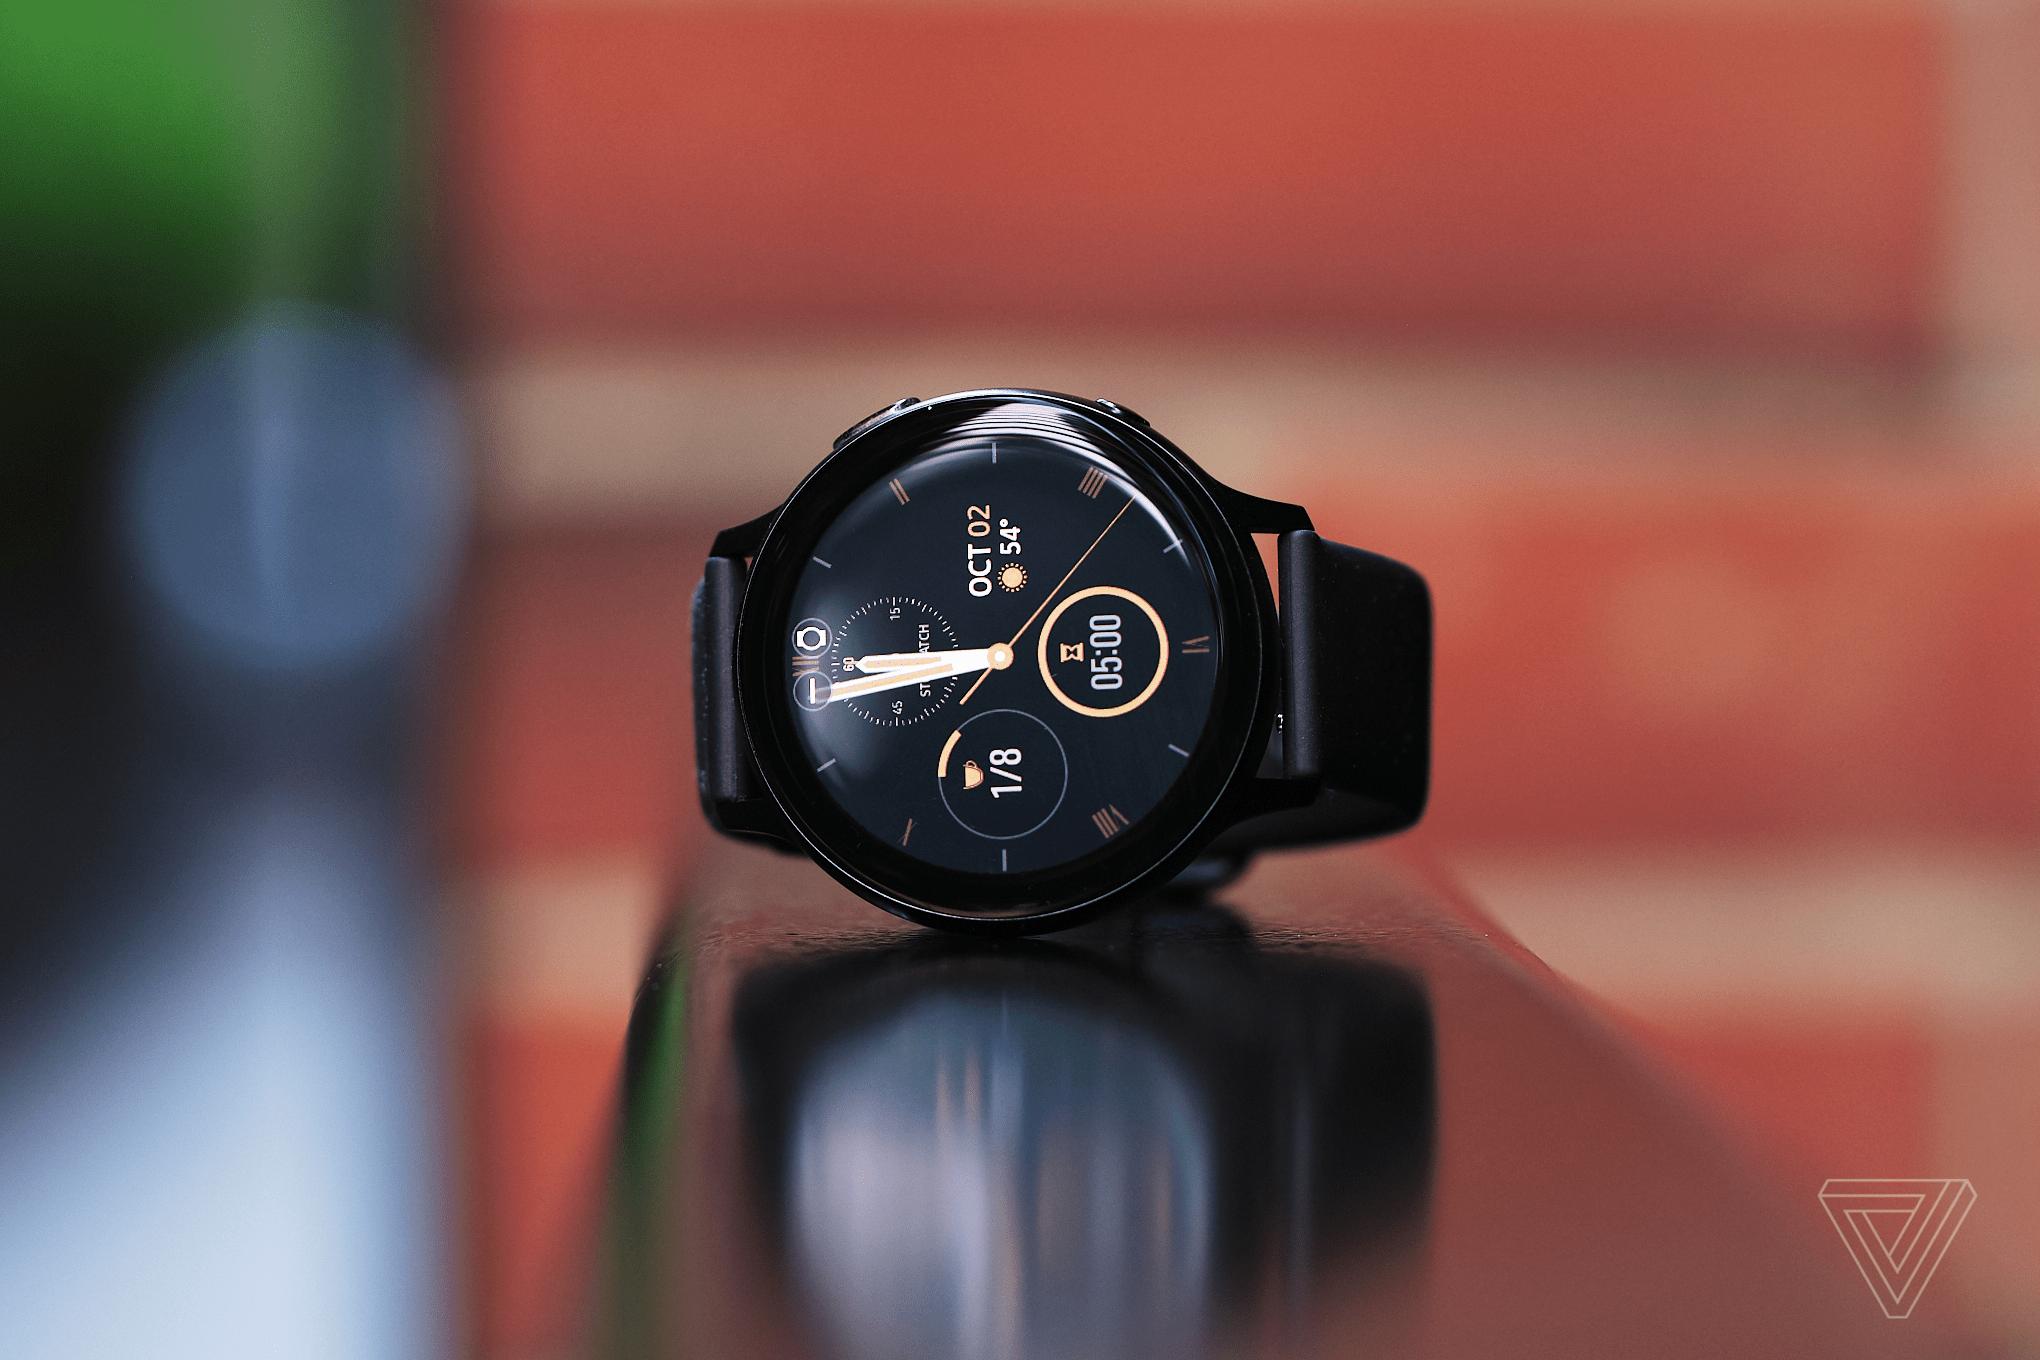 Samsung Galaxy Watch Active 2 với thiết kế đơn giản và sang trọng.